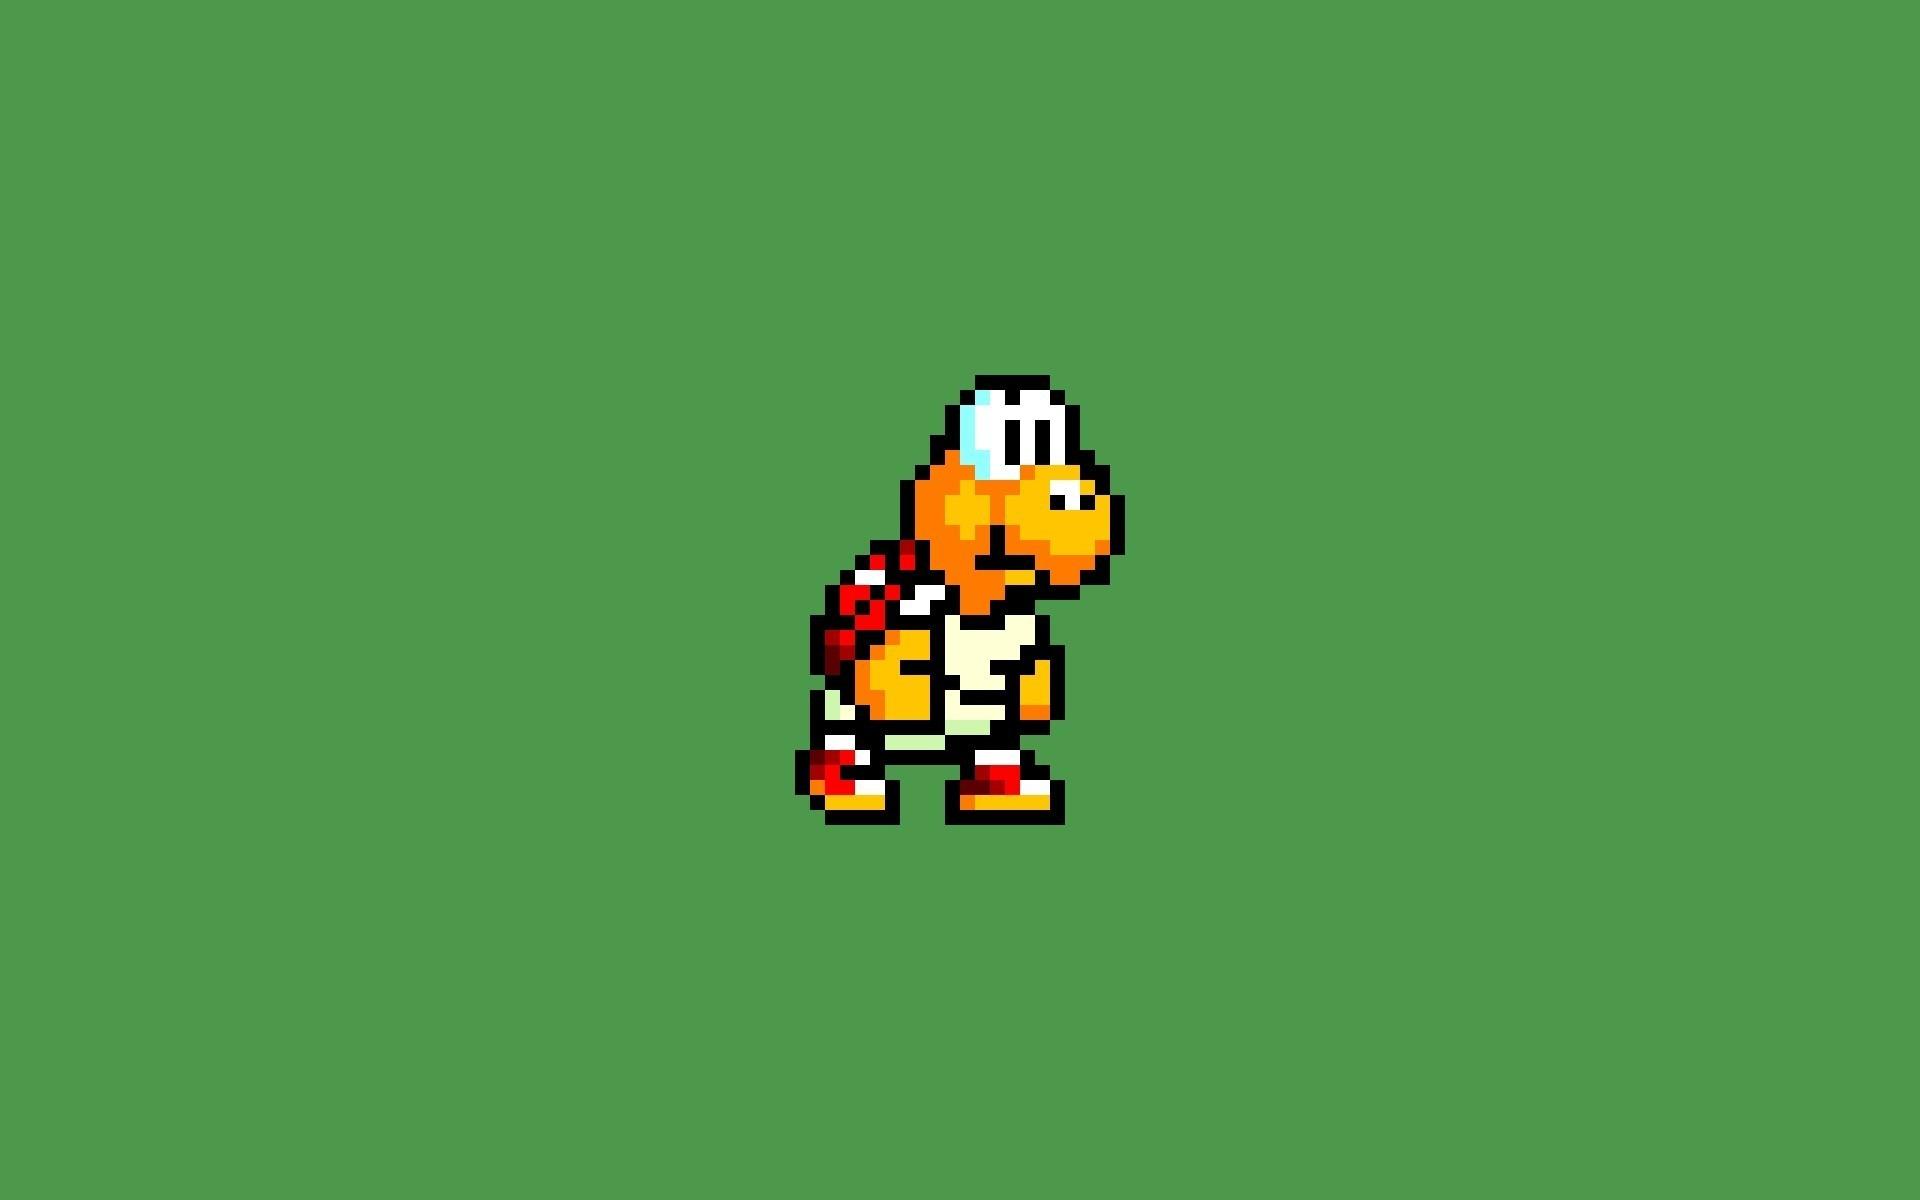 Video games super mario 8-bit wallpaper